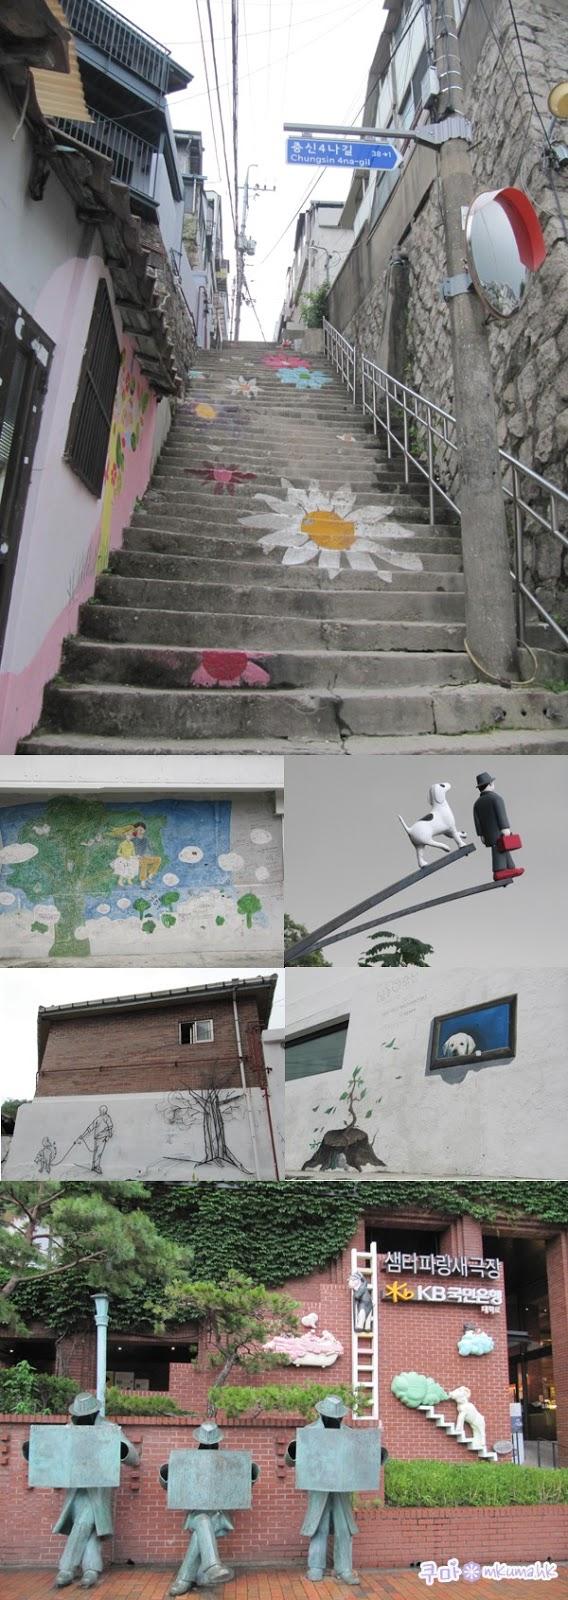 [遊記] 20130802-11 韓國首爾追星之旅.戰利品 @ 紫熊部屋 :: 痞客邦